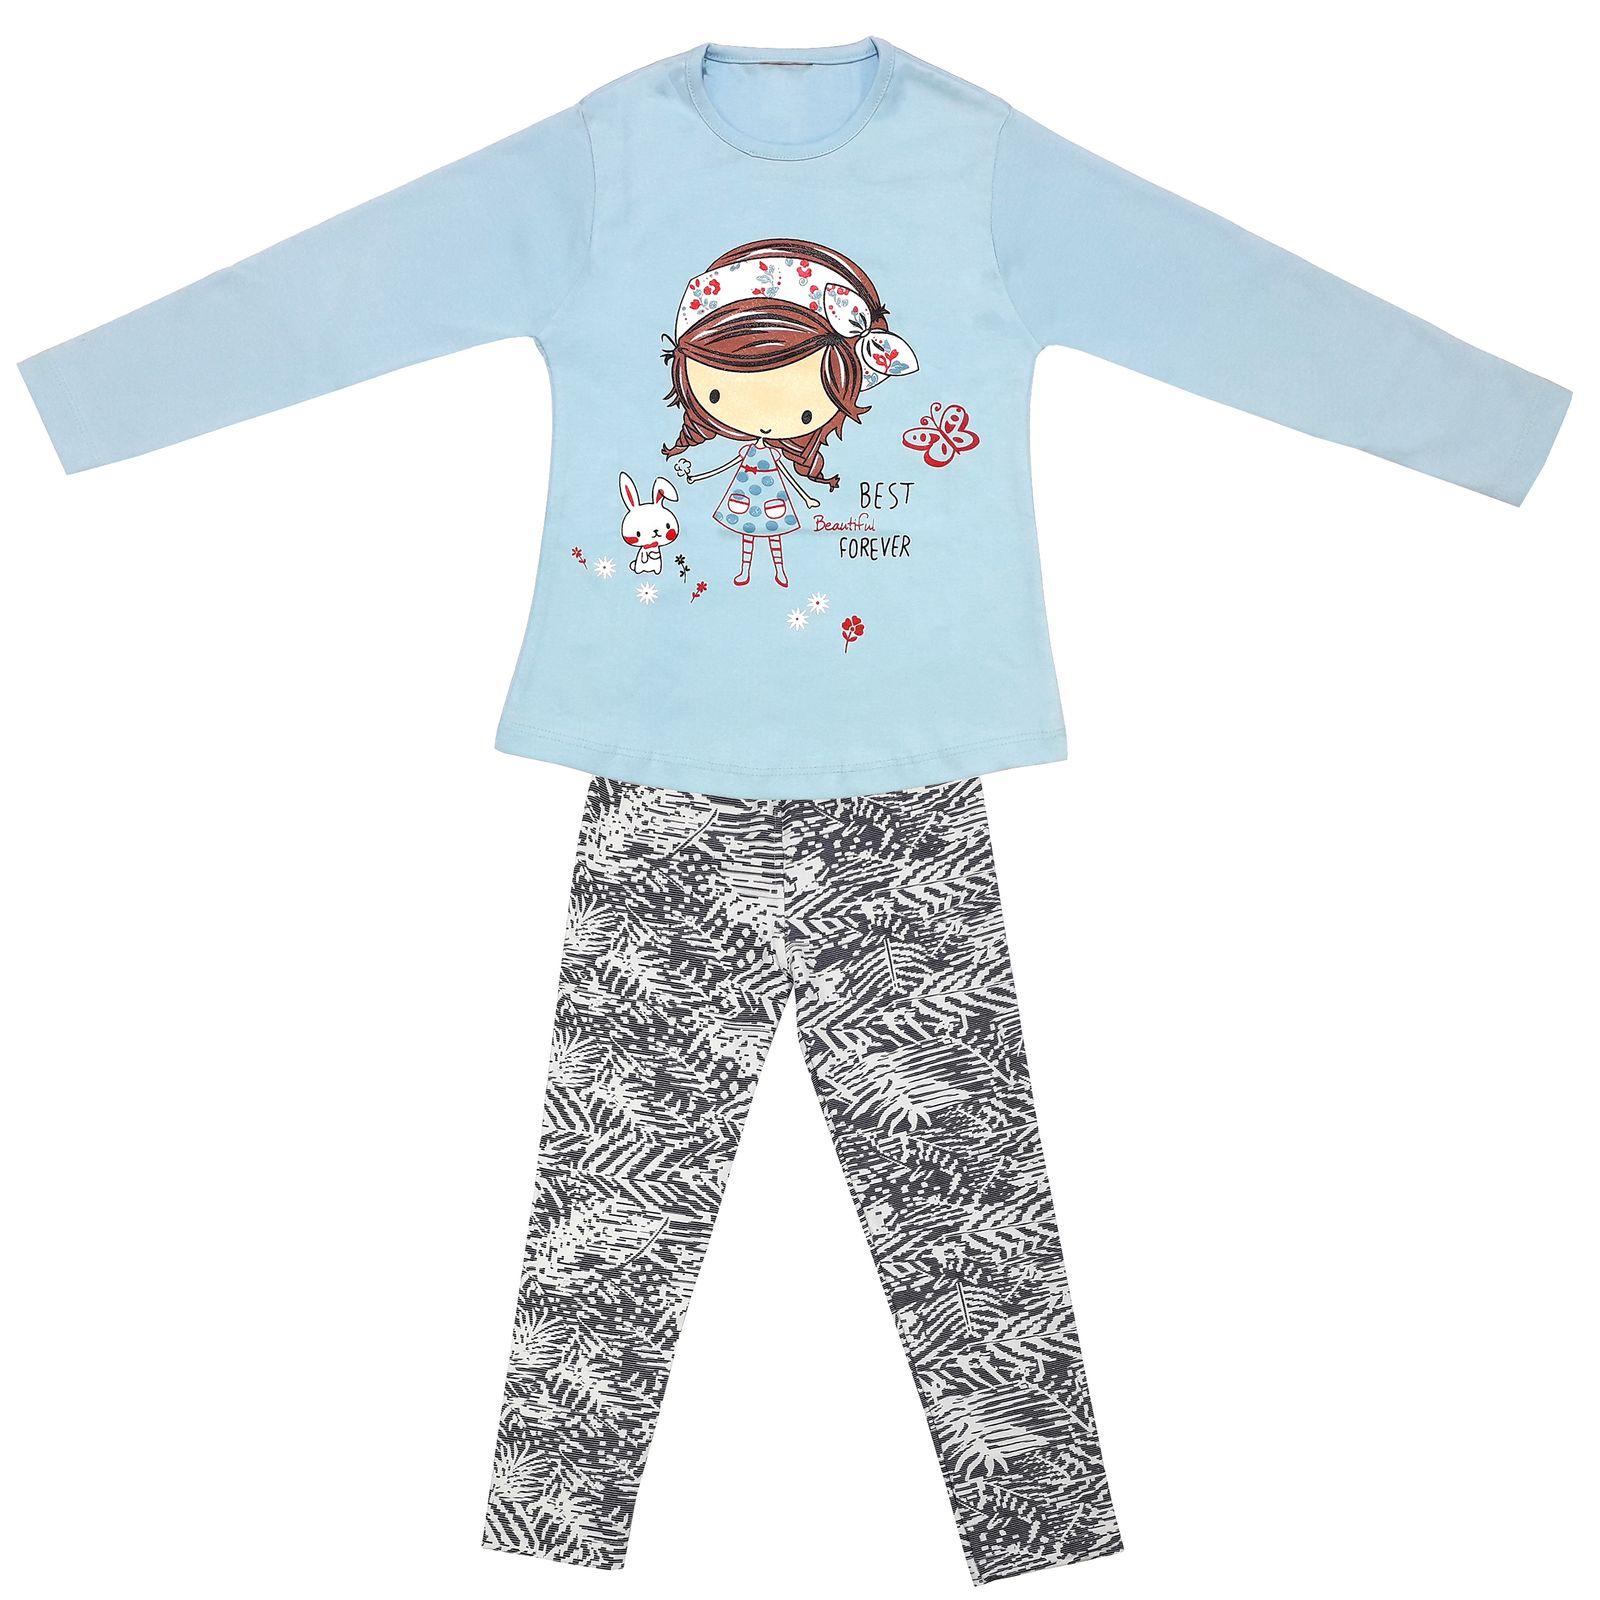 ست تی شرت و شلوار دخترانه طرح دختر و خرگوش کد 3073 رنگ آبی -  - 3